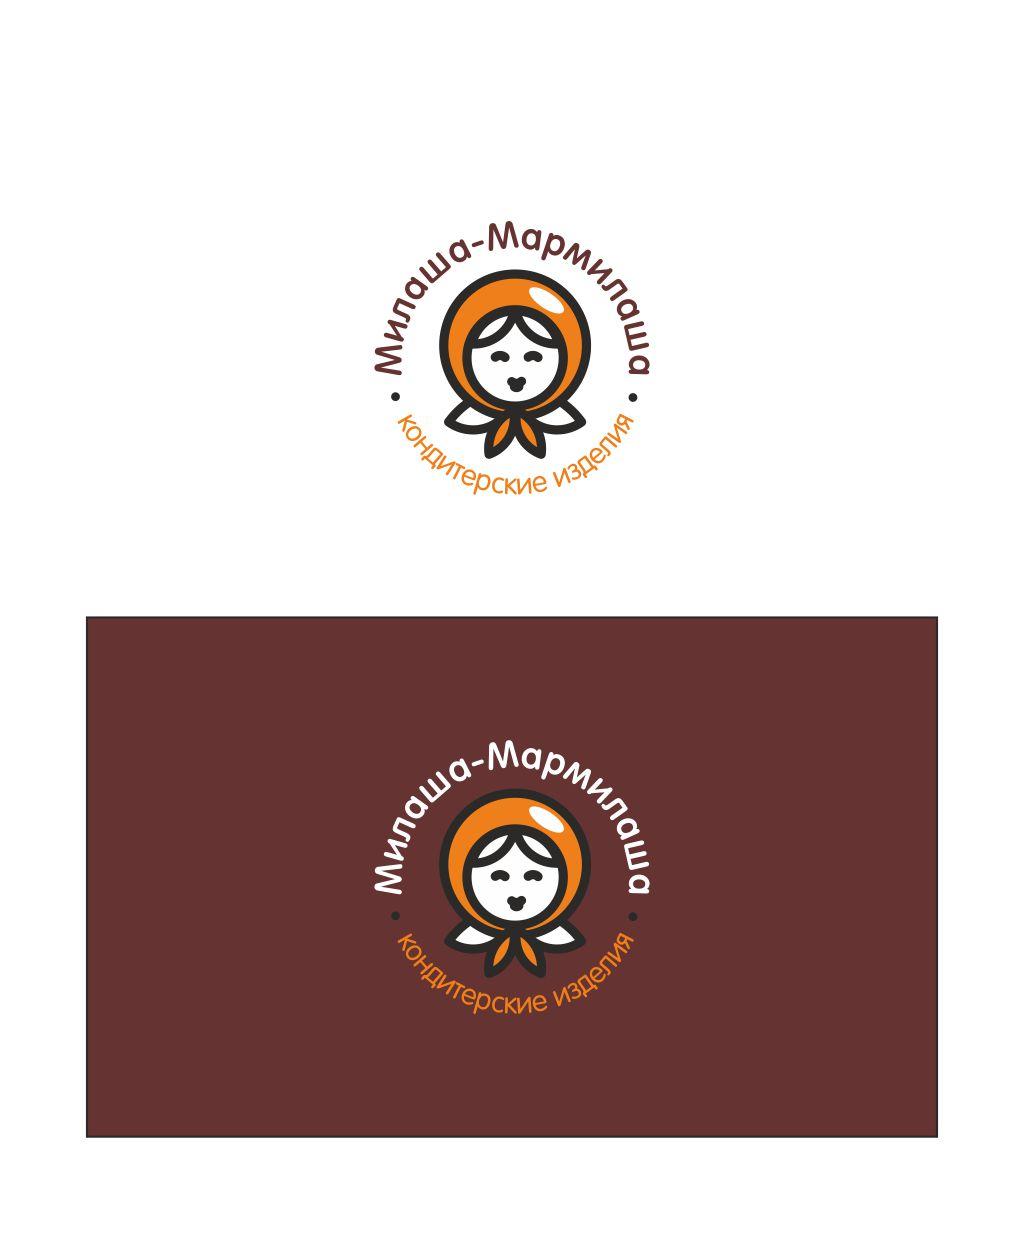 """Логотип для товарного знака """"Милаша-Мармилаша"""" фото f_89758753eb014183.jpg"""